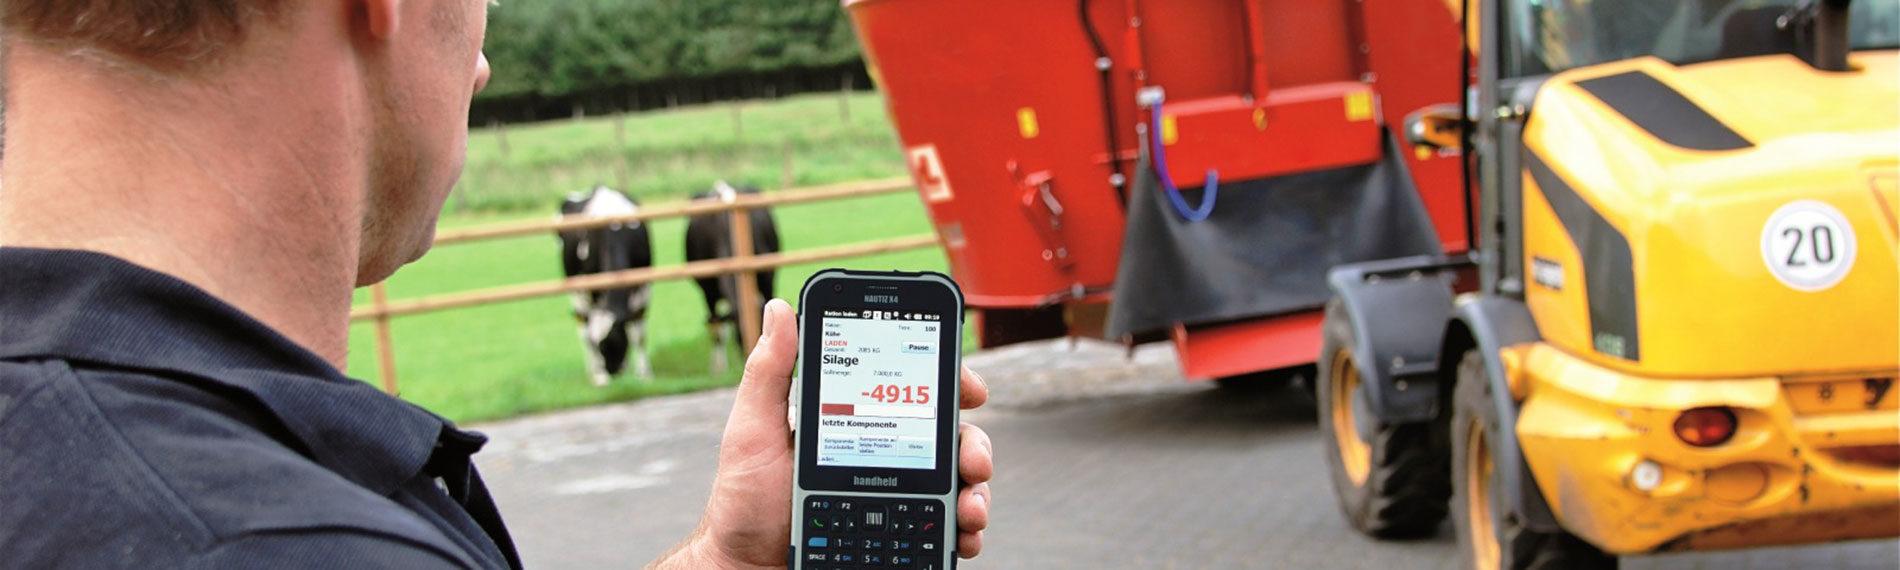 bvl landmaschinentechnik titel v system v dairy feeder tmr parallax